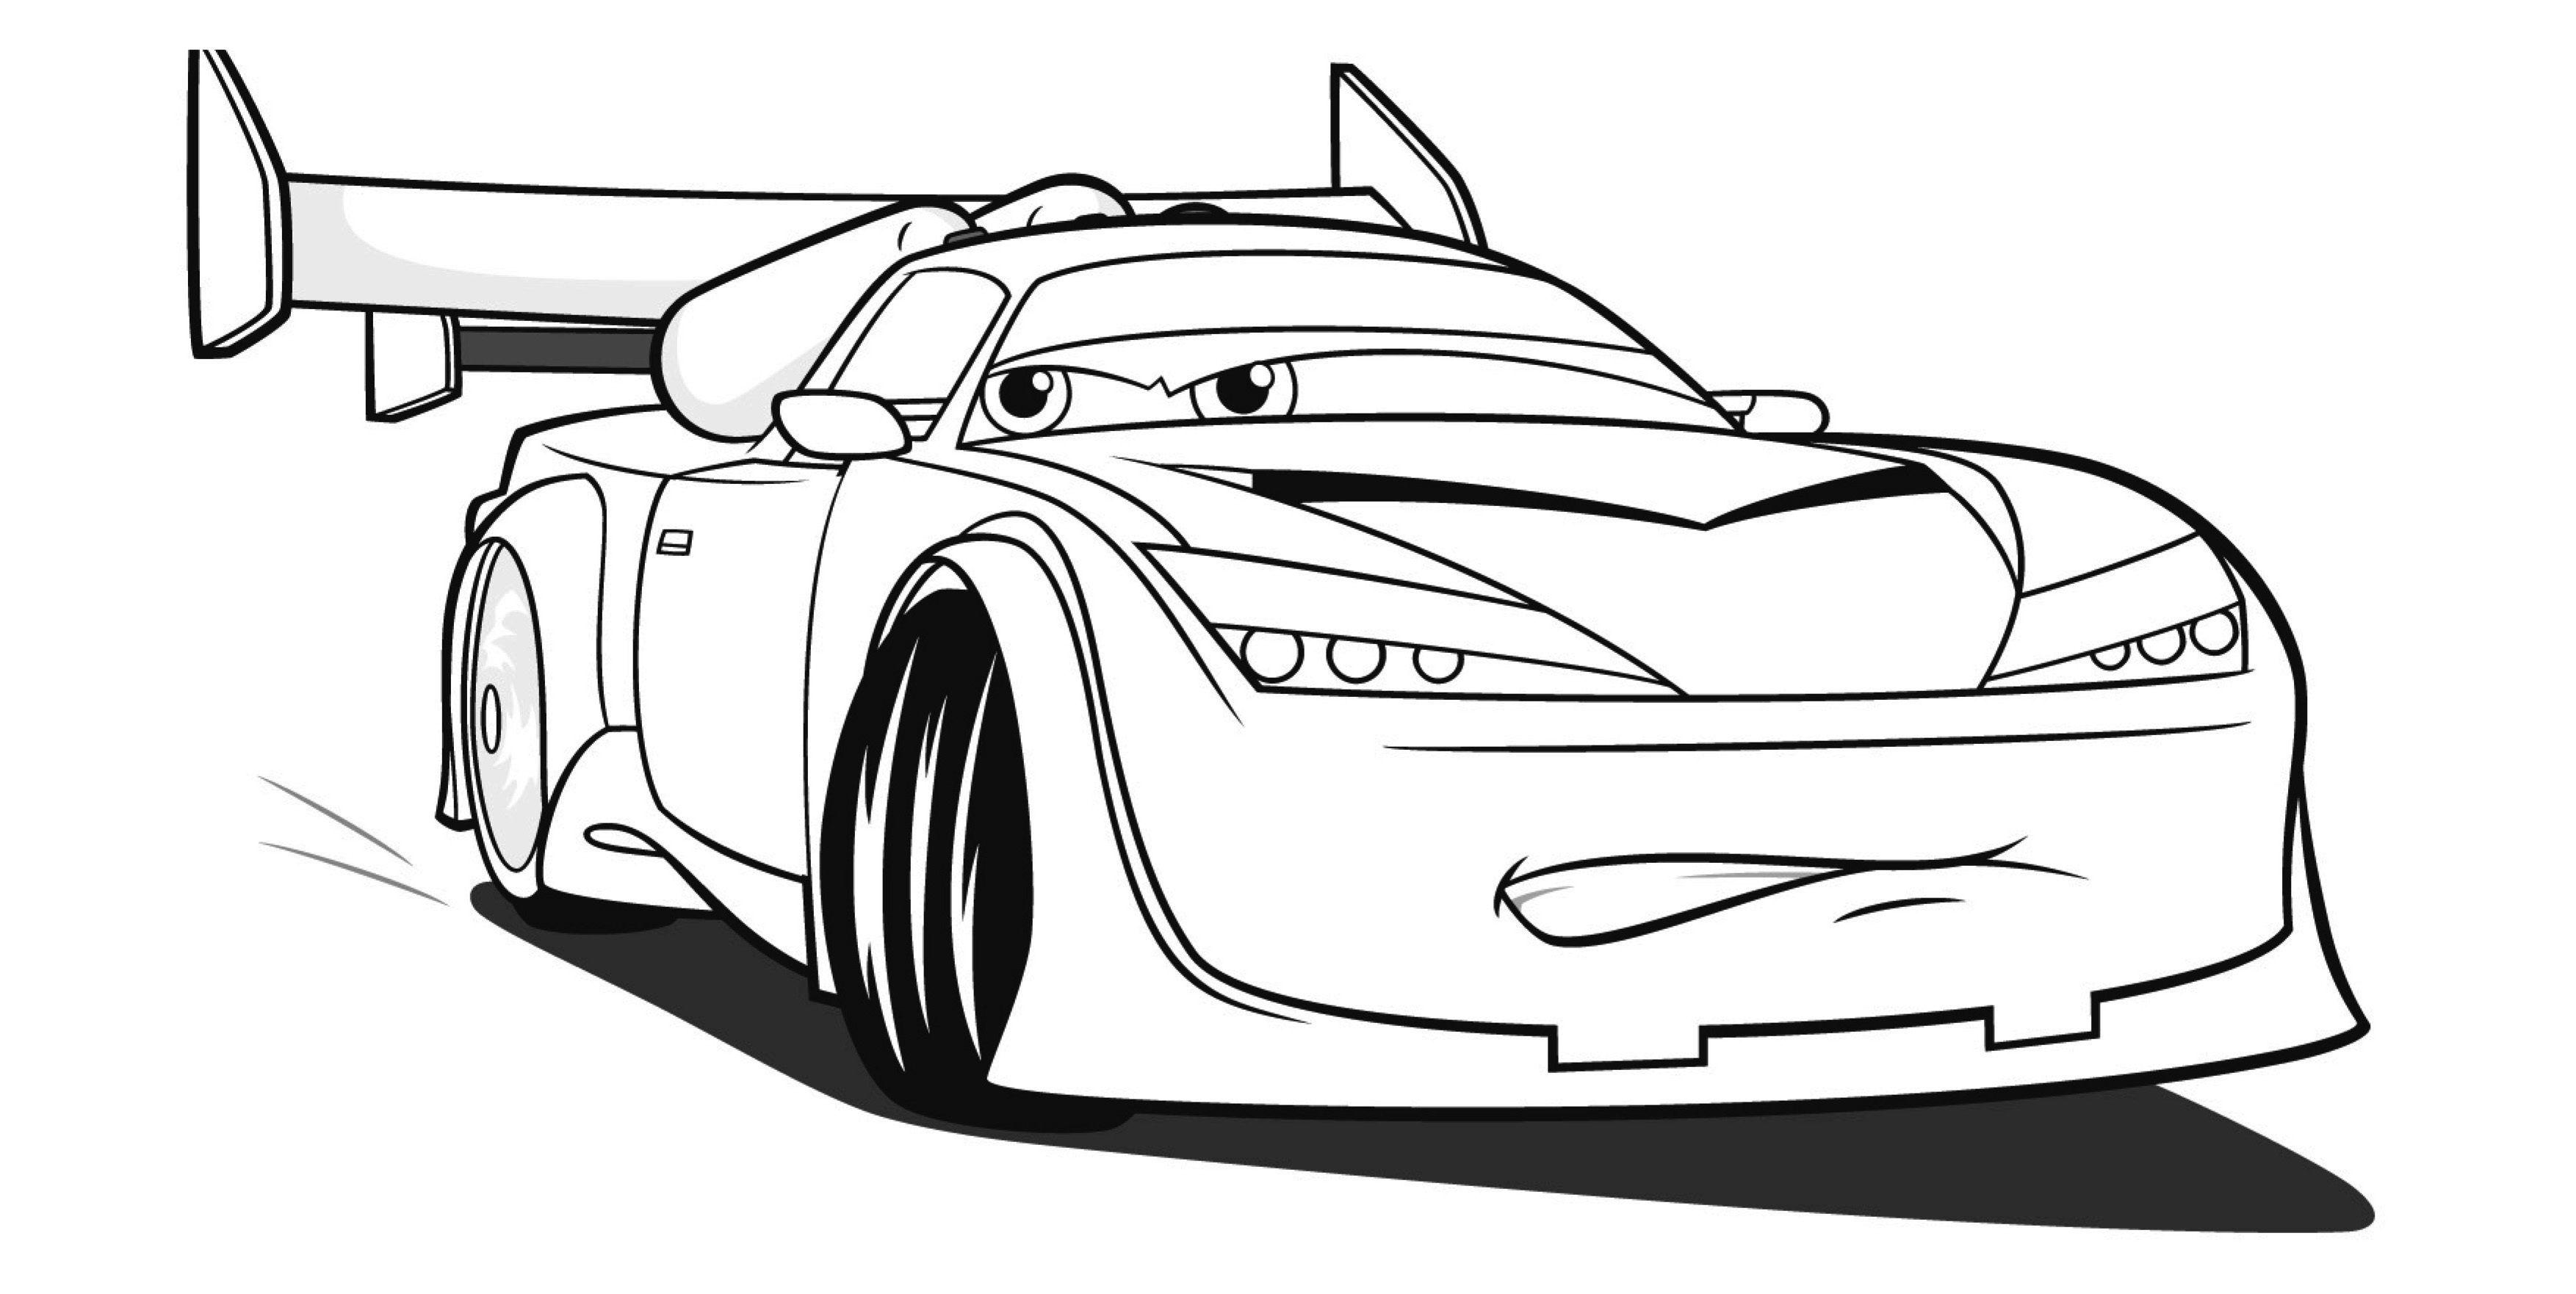 Malvorlagen Cars Lightning Mcqueen - tiffanylovesbooks